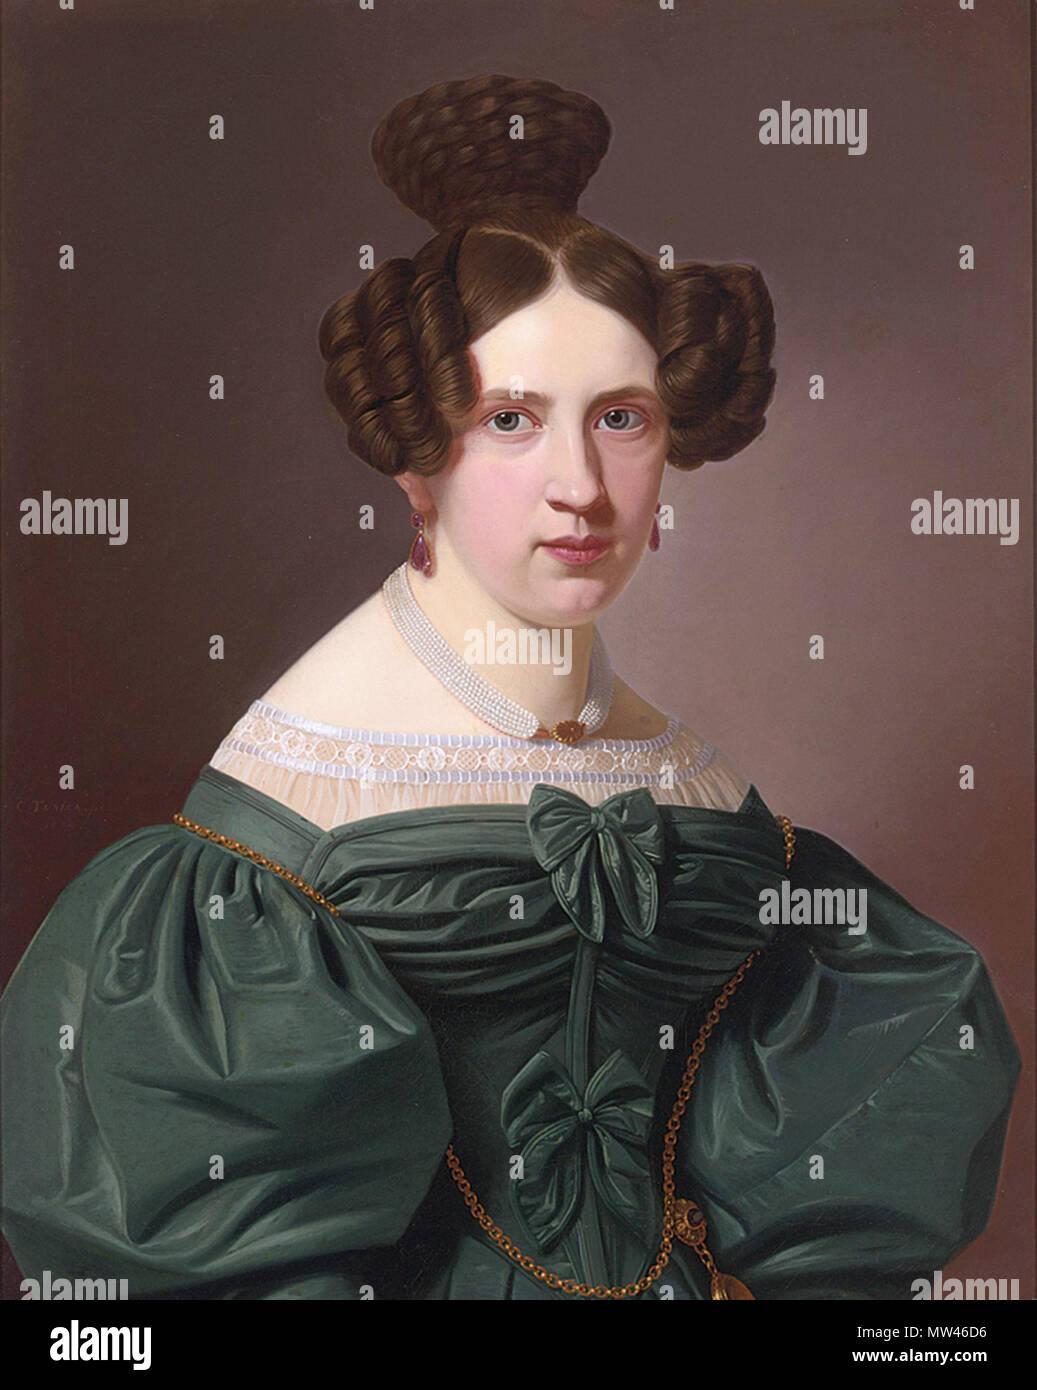 Englisch  Emilie Feustell, trug ein grünes Kleid mit Spitze gesäumt, von  Christian Tunica. 19. Johann Christian Ludwig Tunica 185 Emilie Feustell cc1d37018f